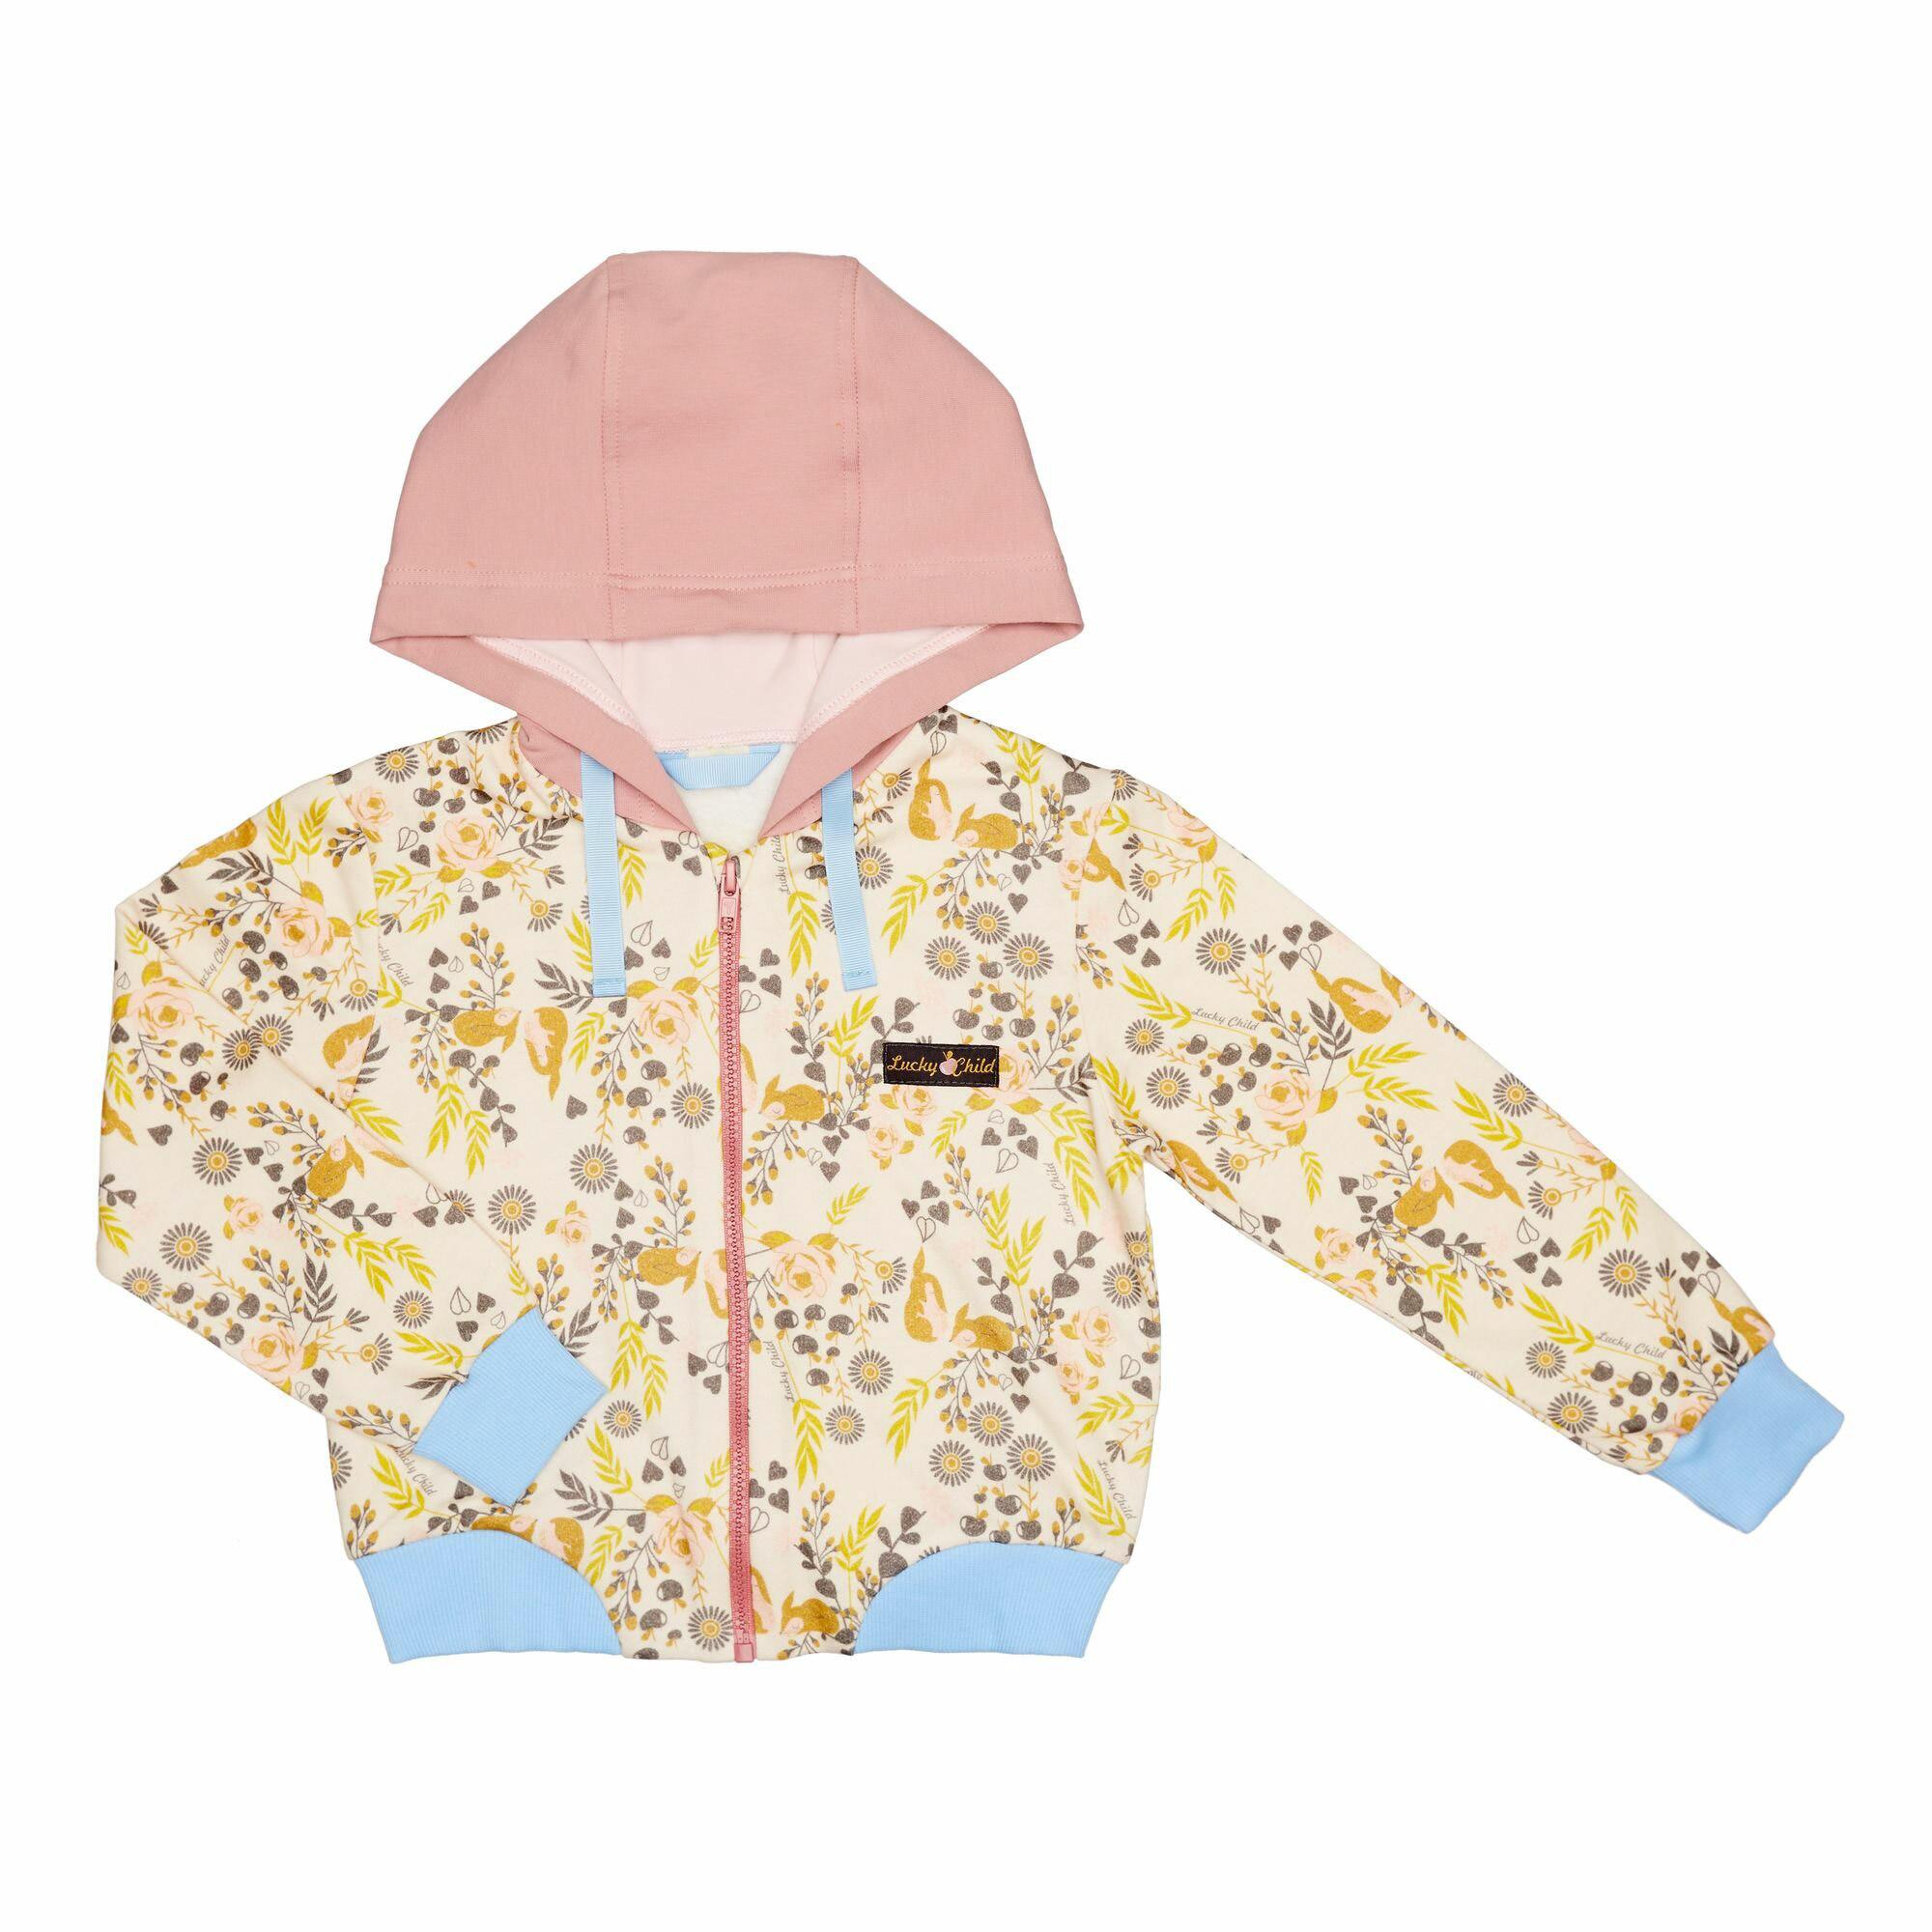 Купить Куртка на молнии Lucky Child Осенний лес 122-128, Разноцветный, Футер, Для девочек, Осень-Зима,